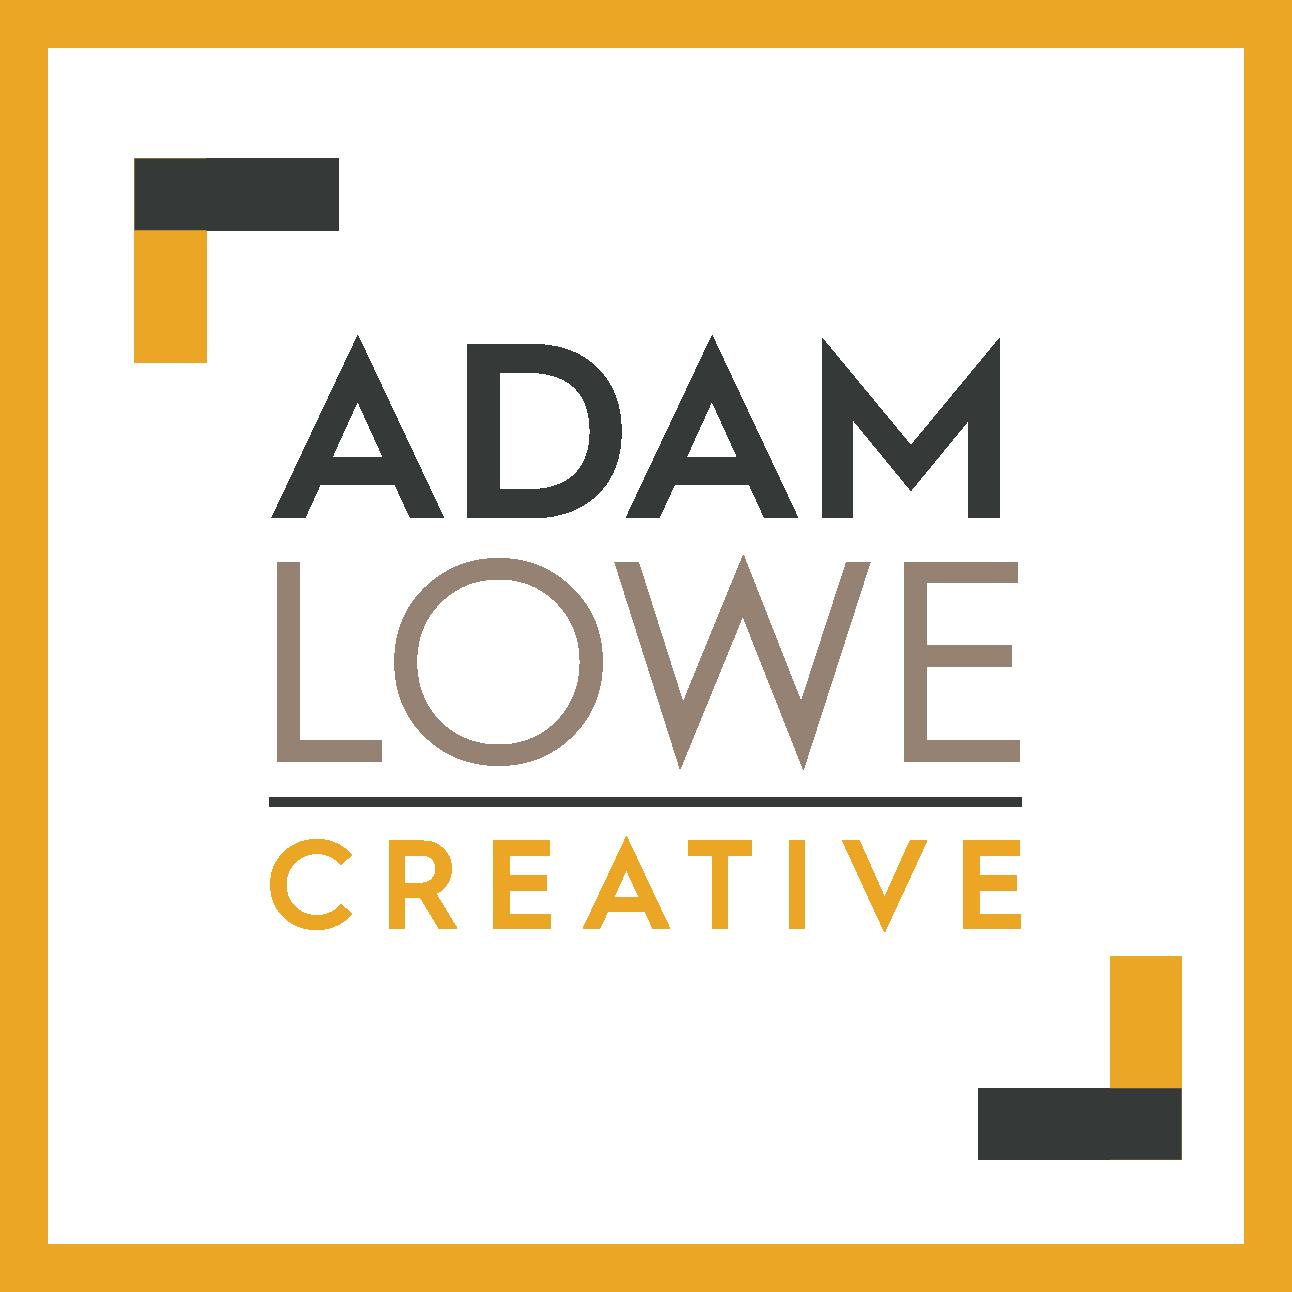 Adam Lowe Creative